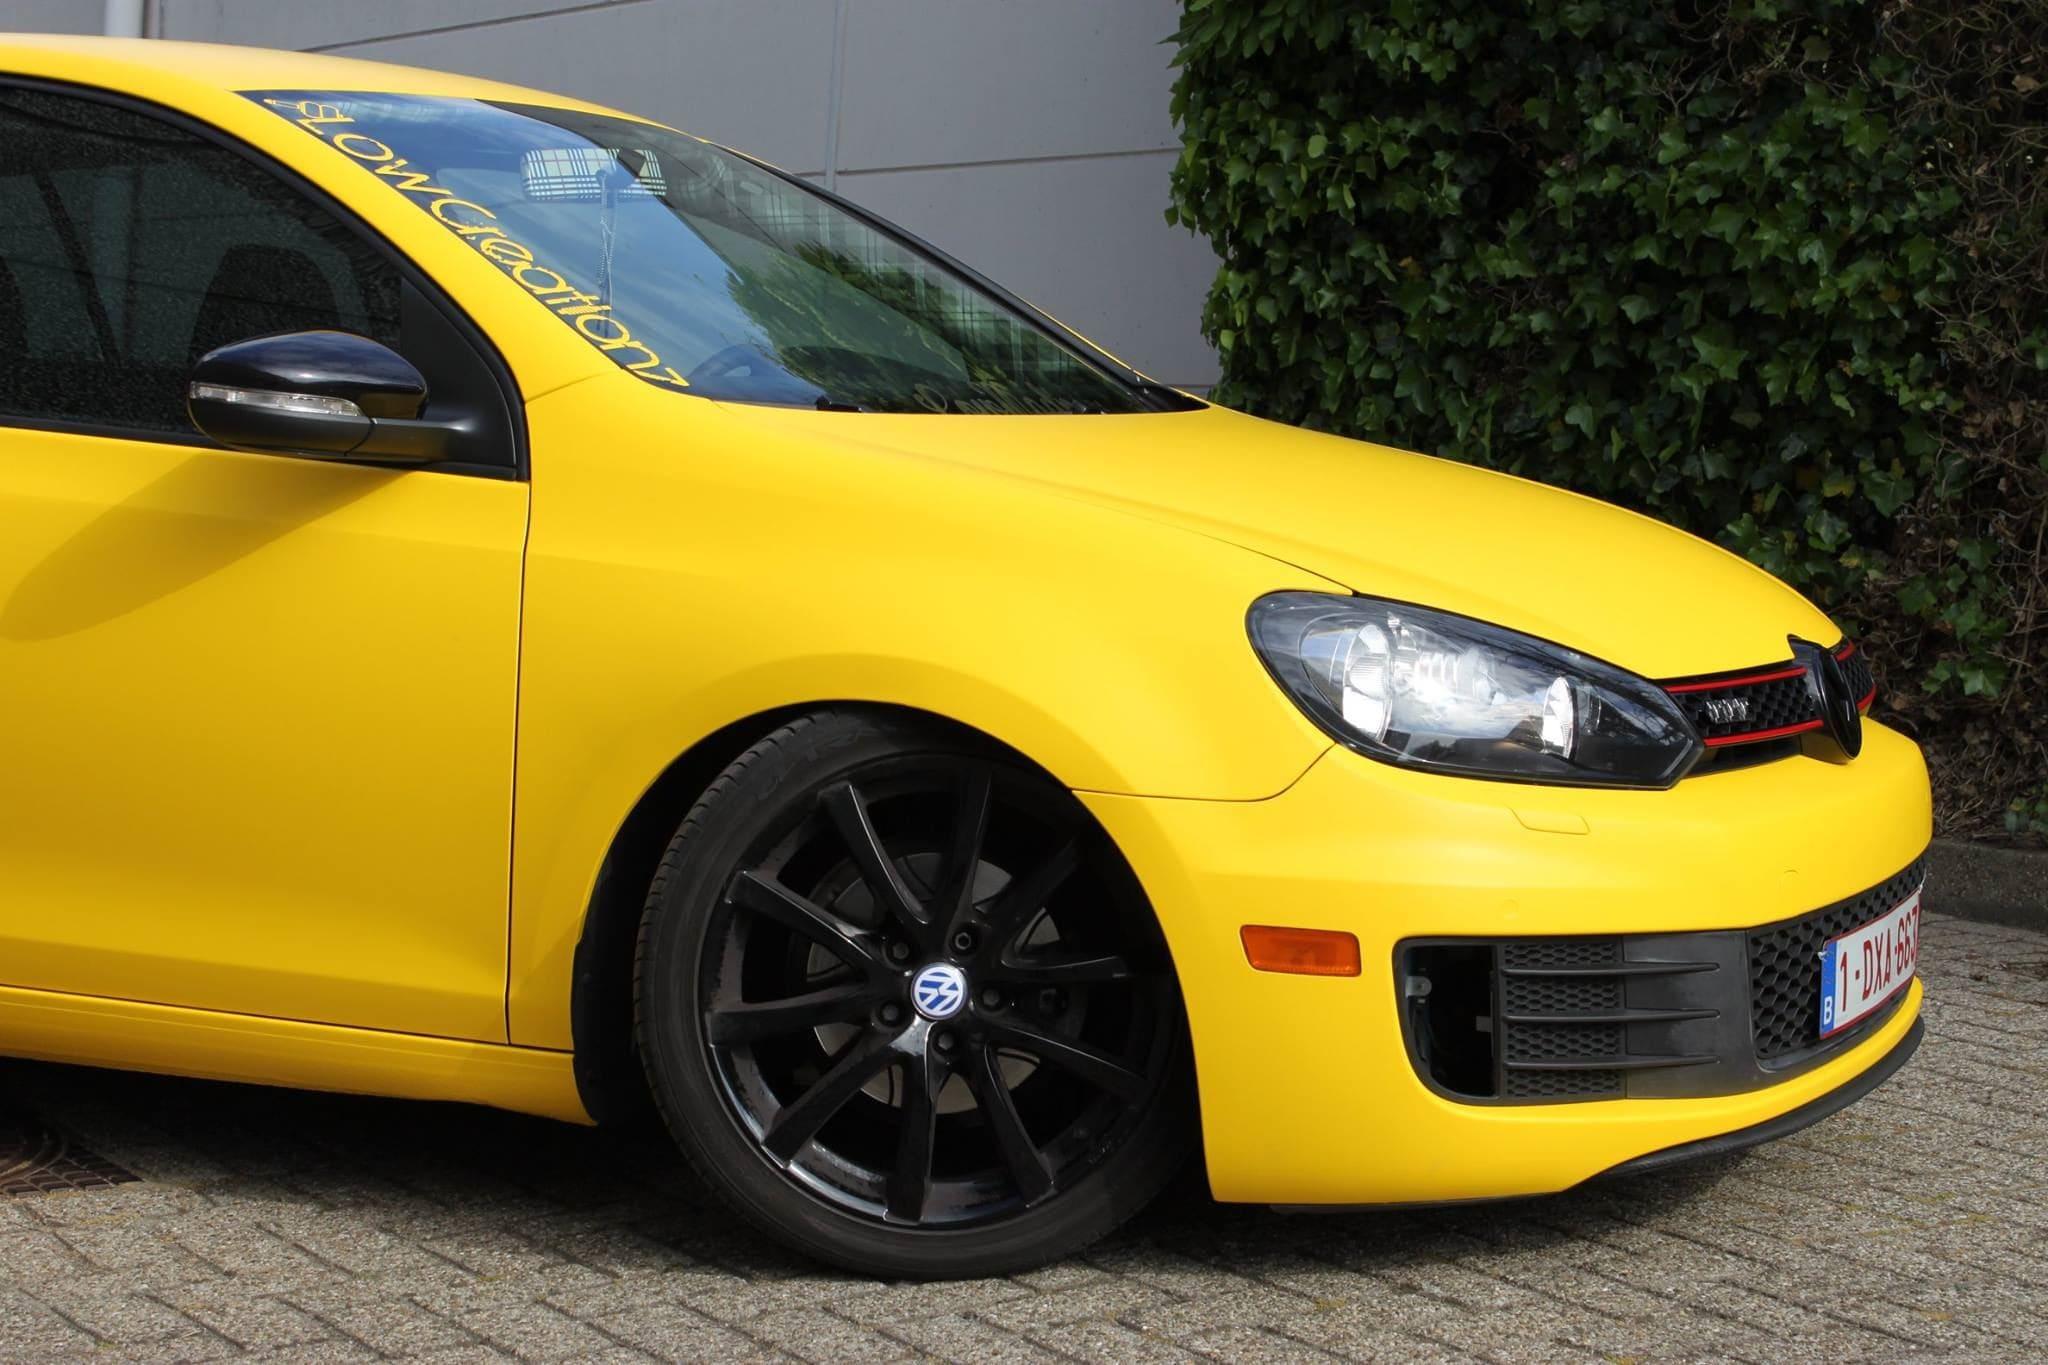 Volkswagen Golf 6 met Mat Bright Yellow Wrap voor Low Creationz, Carwrapping door Wrapmyride.nu Foto-nr:7592, ©2021